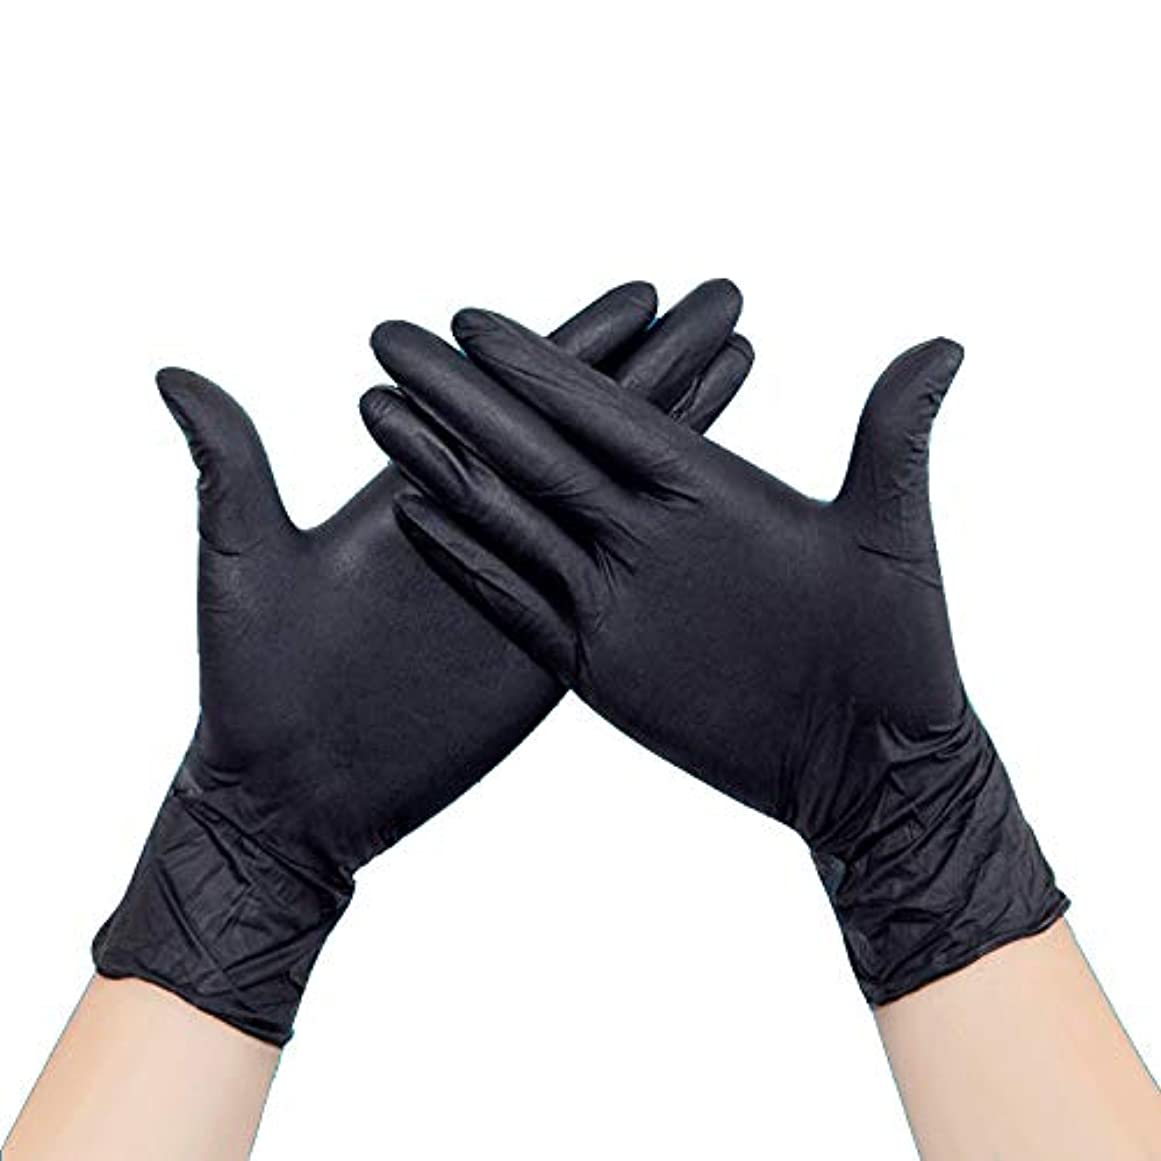 ドメインくびれたバッチニトリル手袋 使い捨て手袋 メカニックグローブ 50枚入 家庭、クリーニング、実験室、ネイルアート ブラック 帯電防止手袋 左右兼用